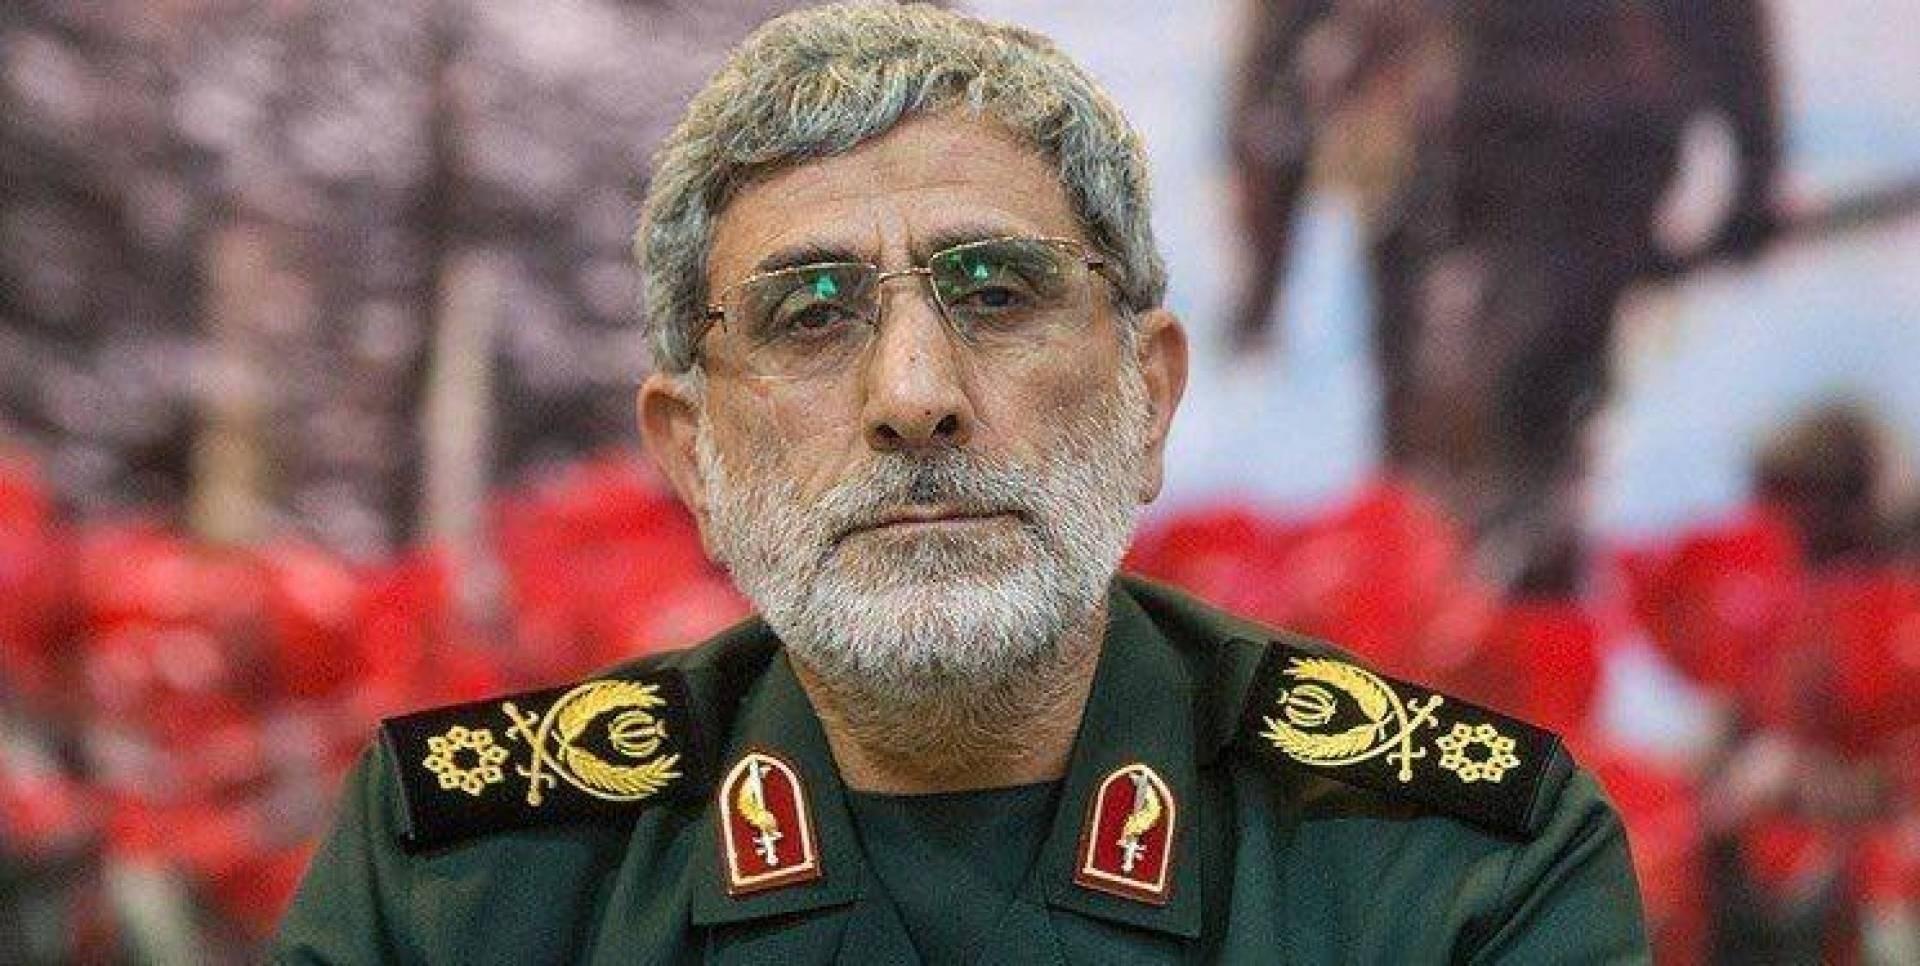 الجنرال قاآني: قرار الأخذ بثأر الشهيد قاسم سليماني اتخذ ساعة اغتياله